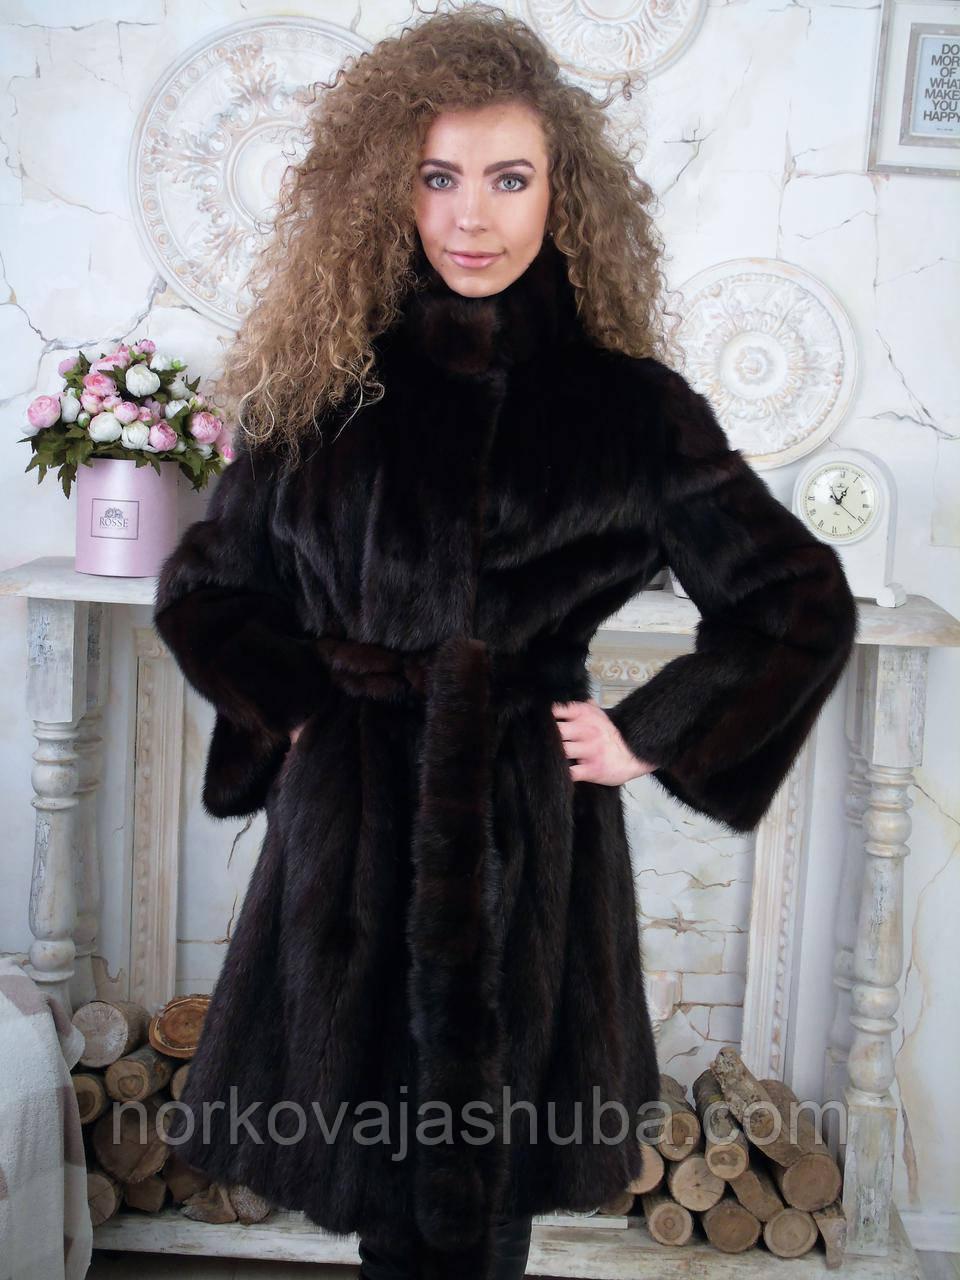 Норковая шуба маленького размера 42 44 S XS - Интернет-магазин FUR STAR в  Харькове 85187b4c527bc